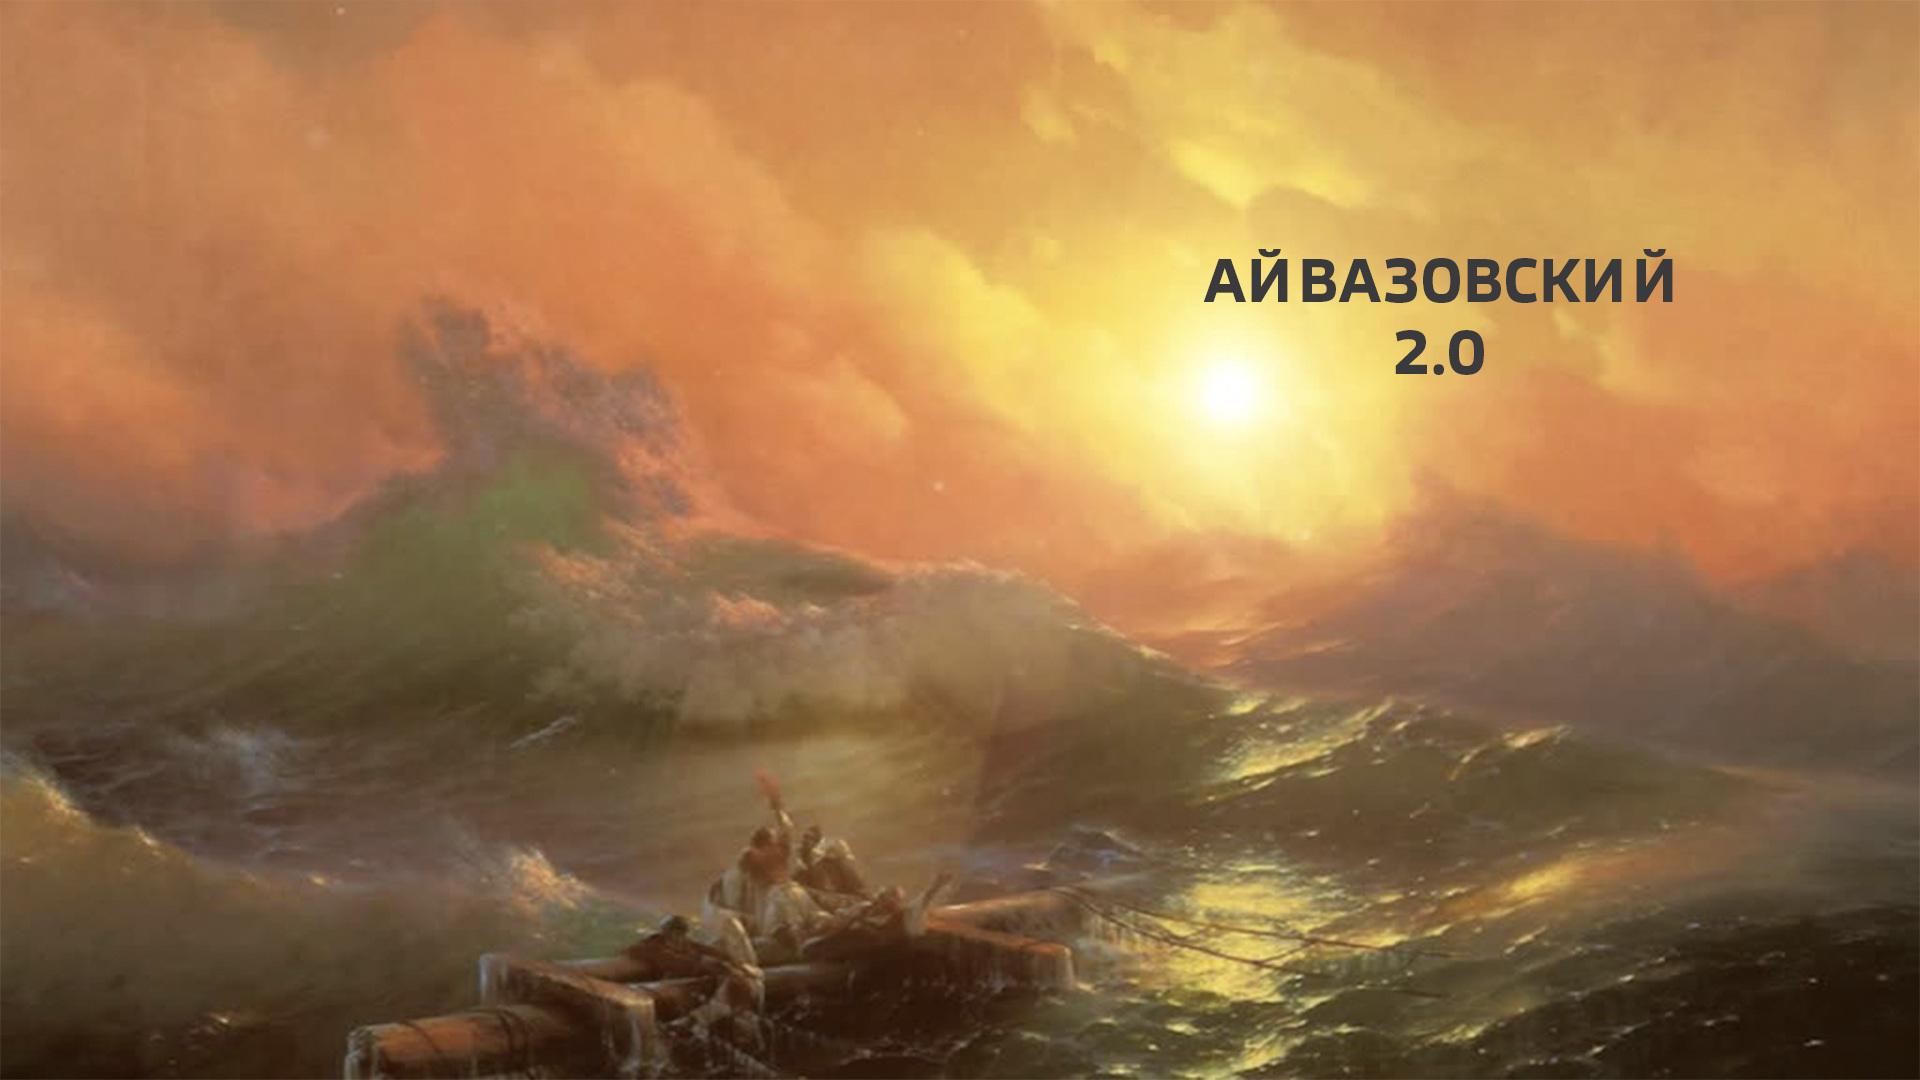 Айвазовский 2.0